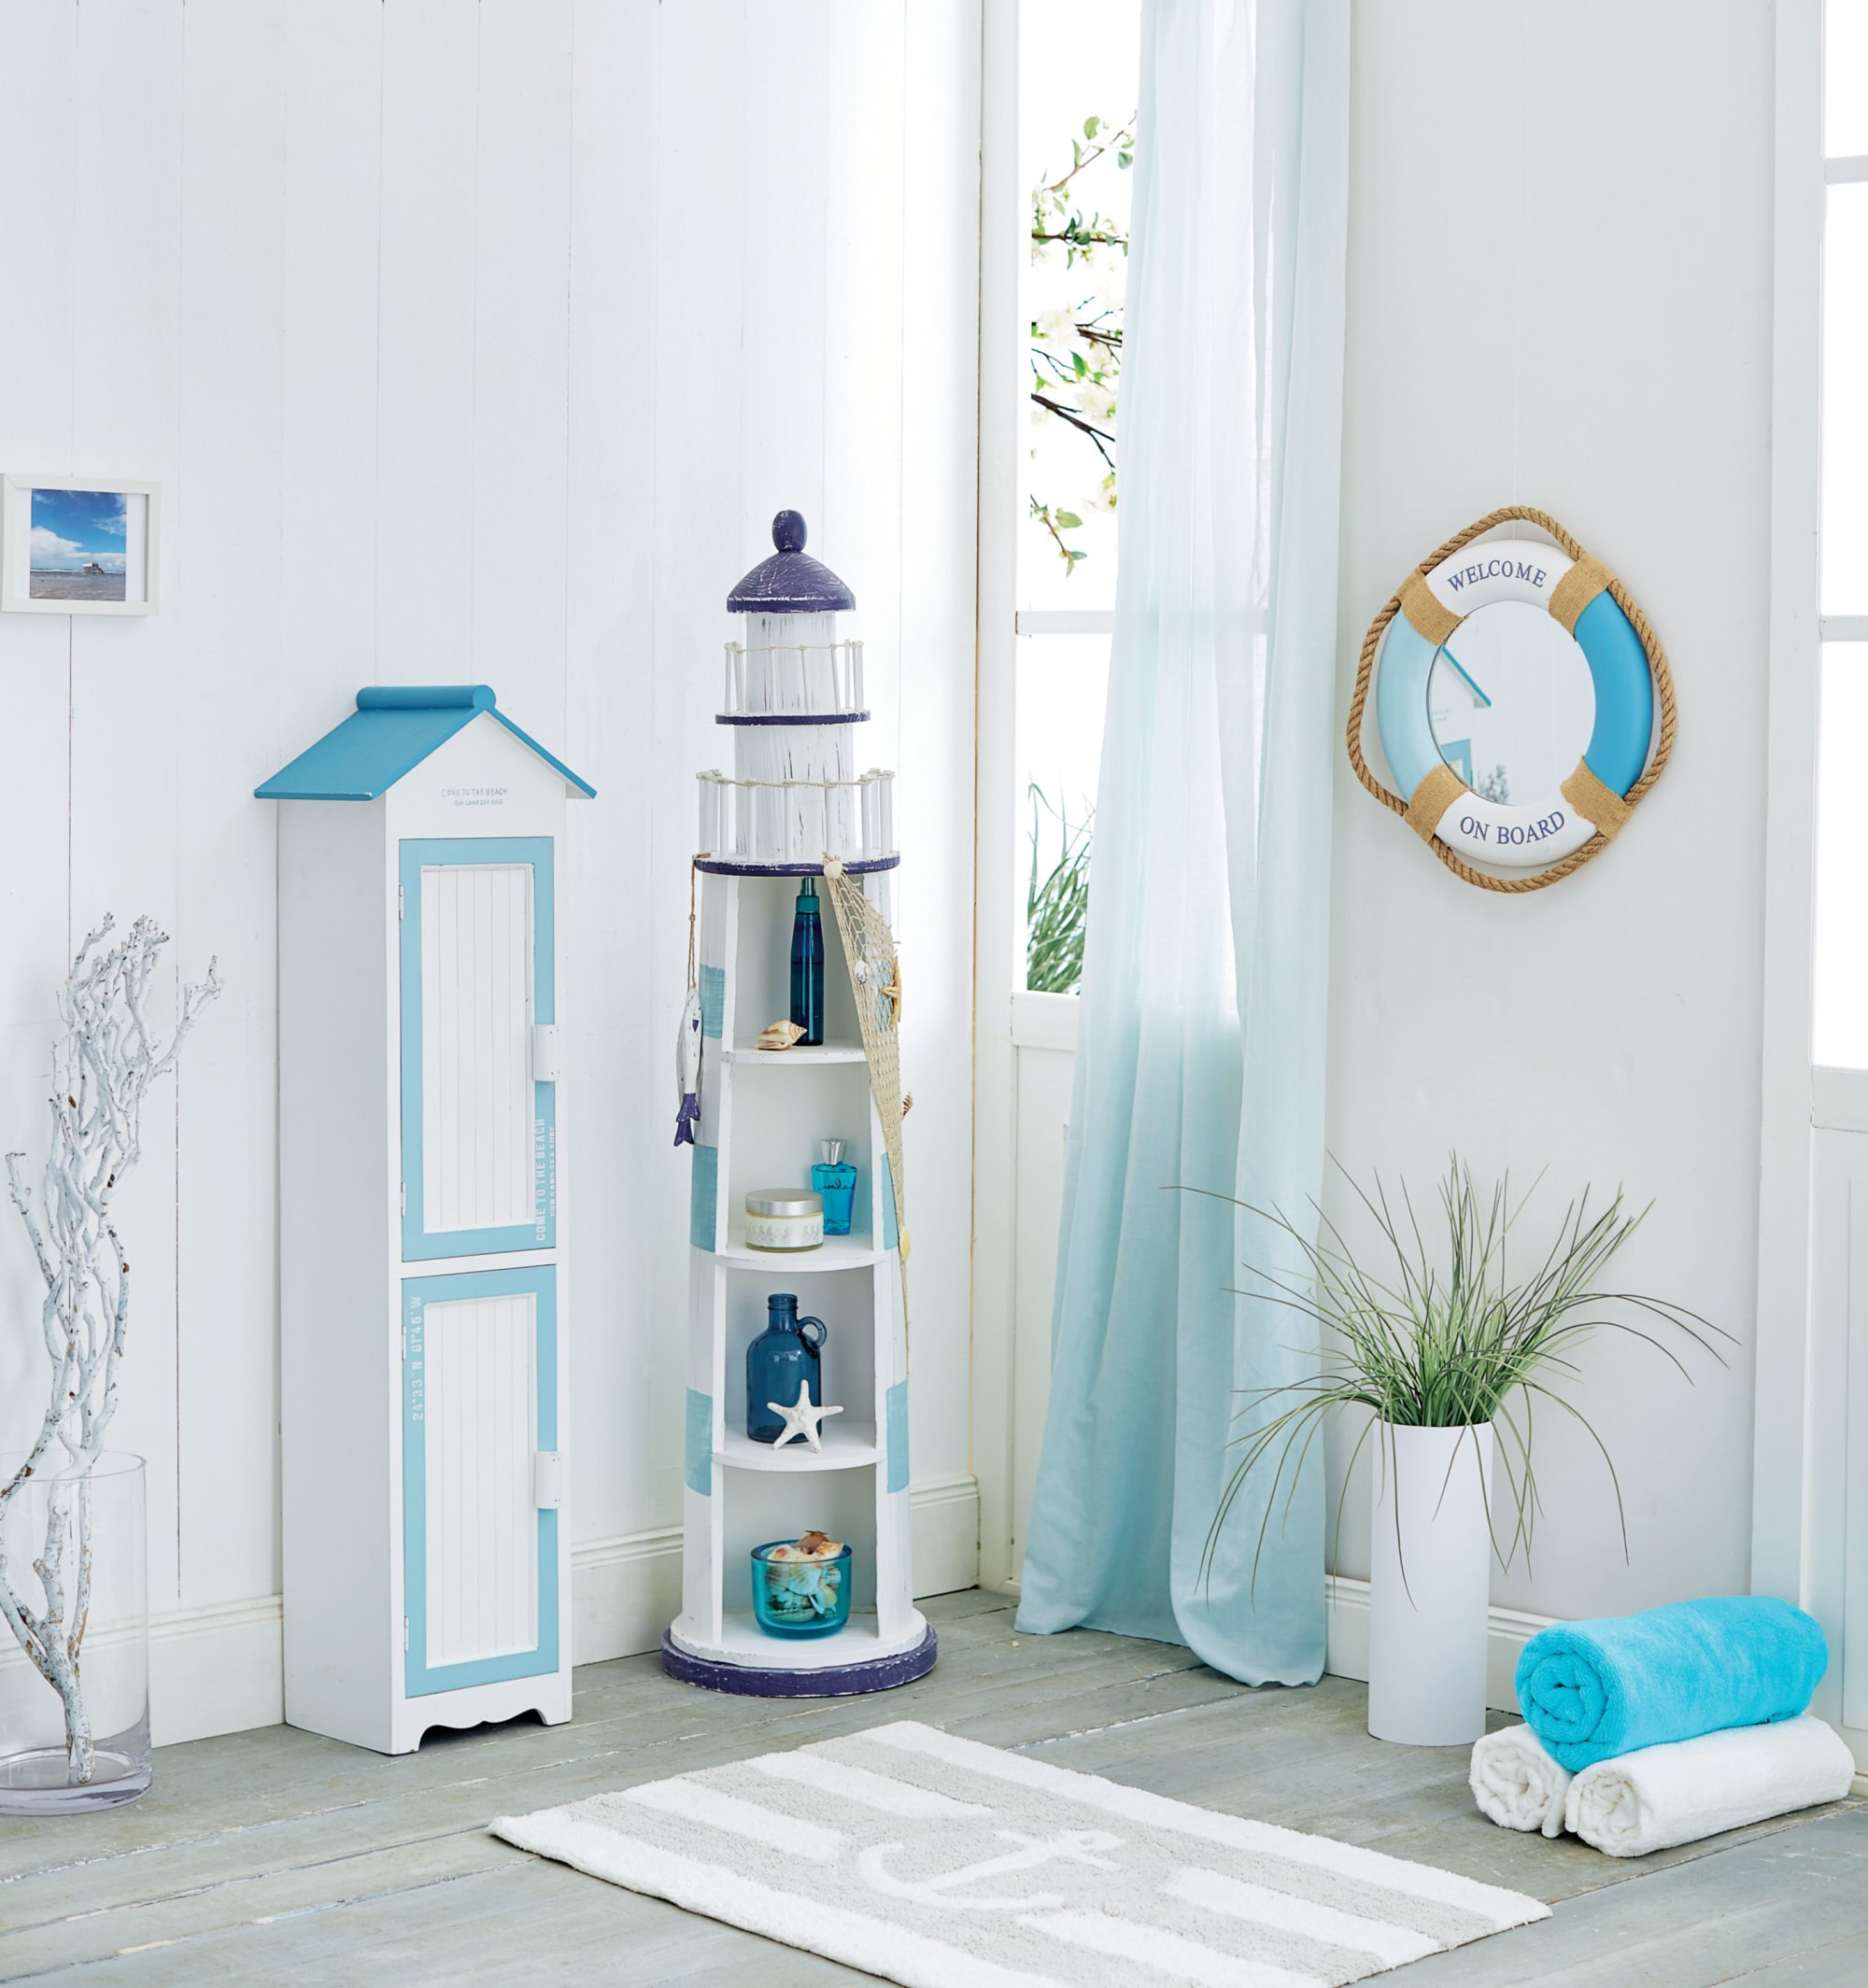 sch n leuchtturm schrank galerie die kinderzimmer design. Black Bedroom Furniture Sets. Home Design Ideas